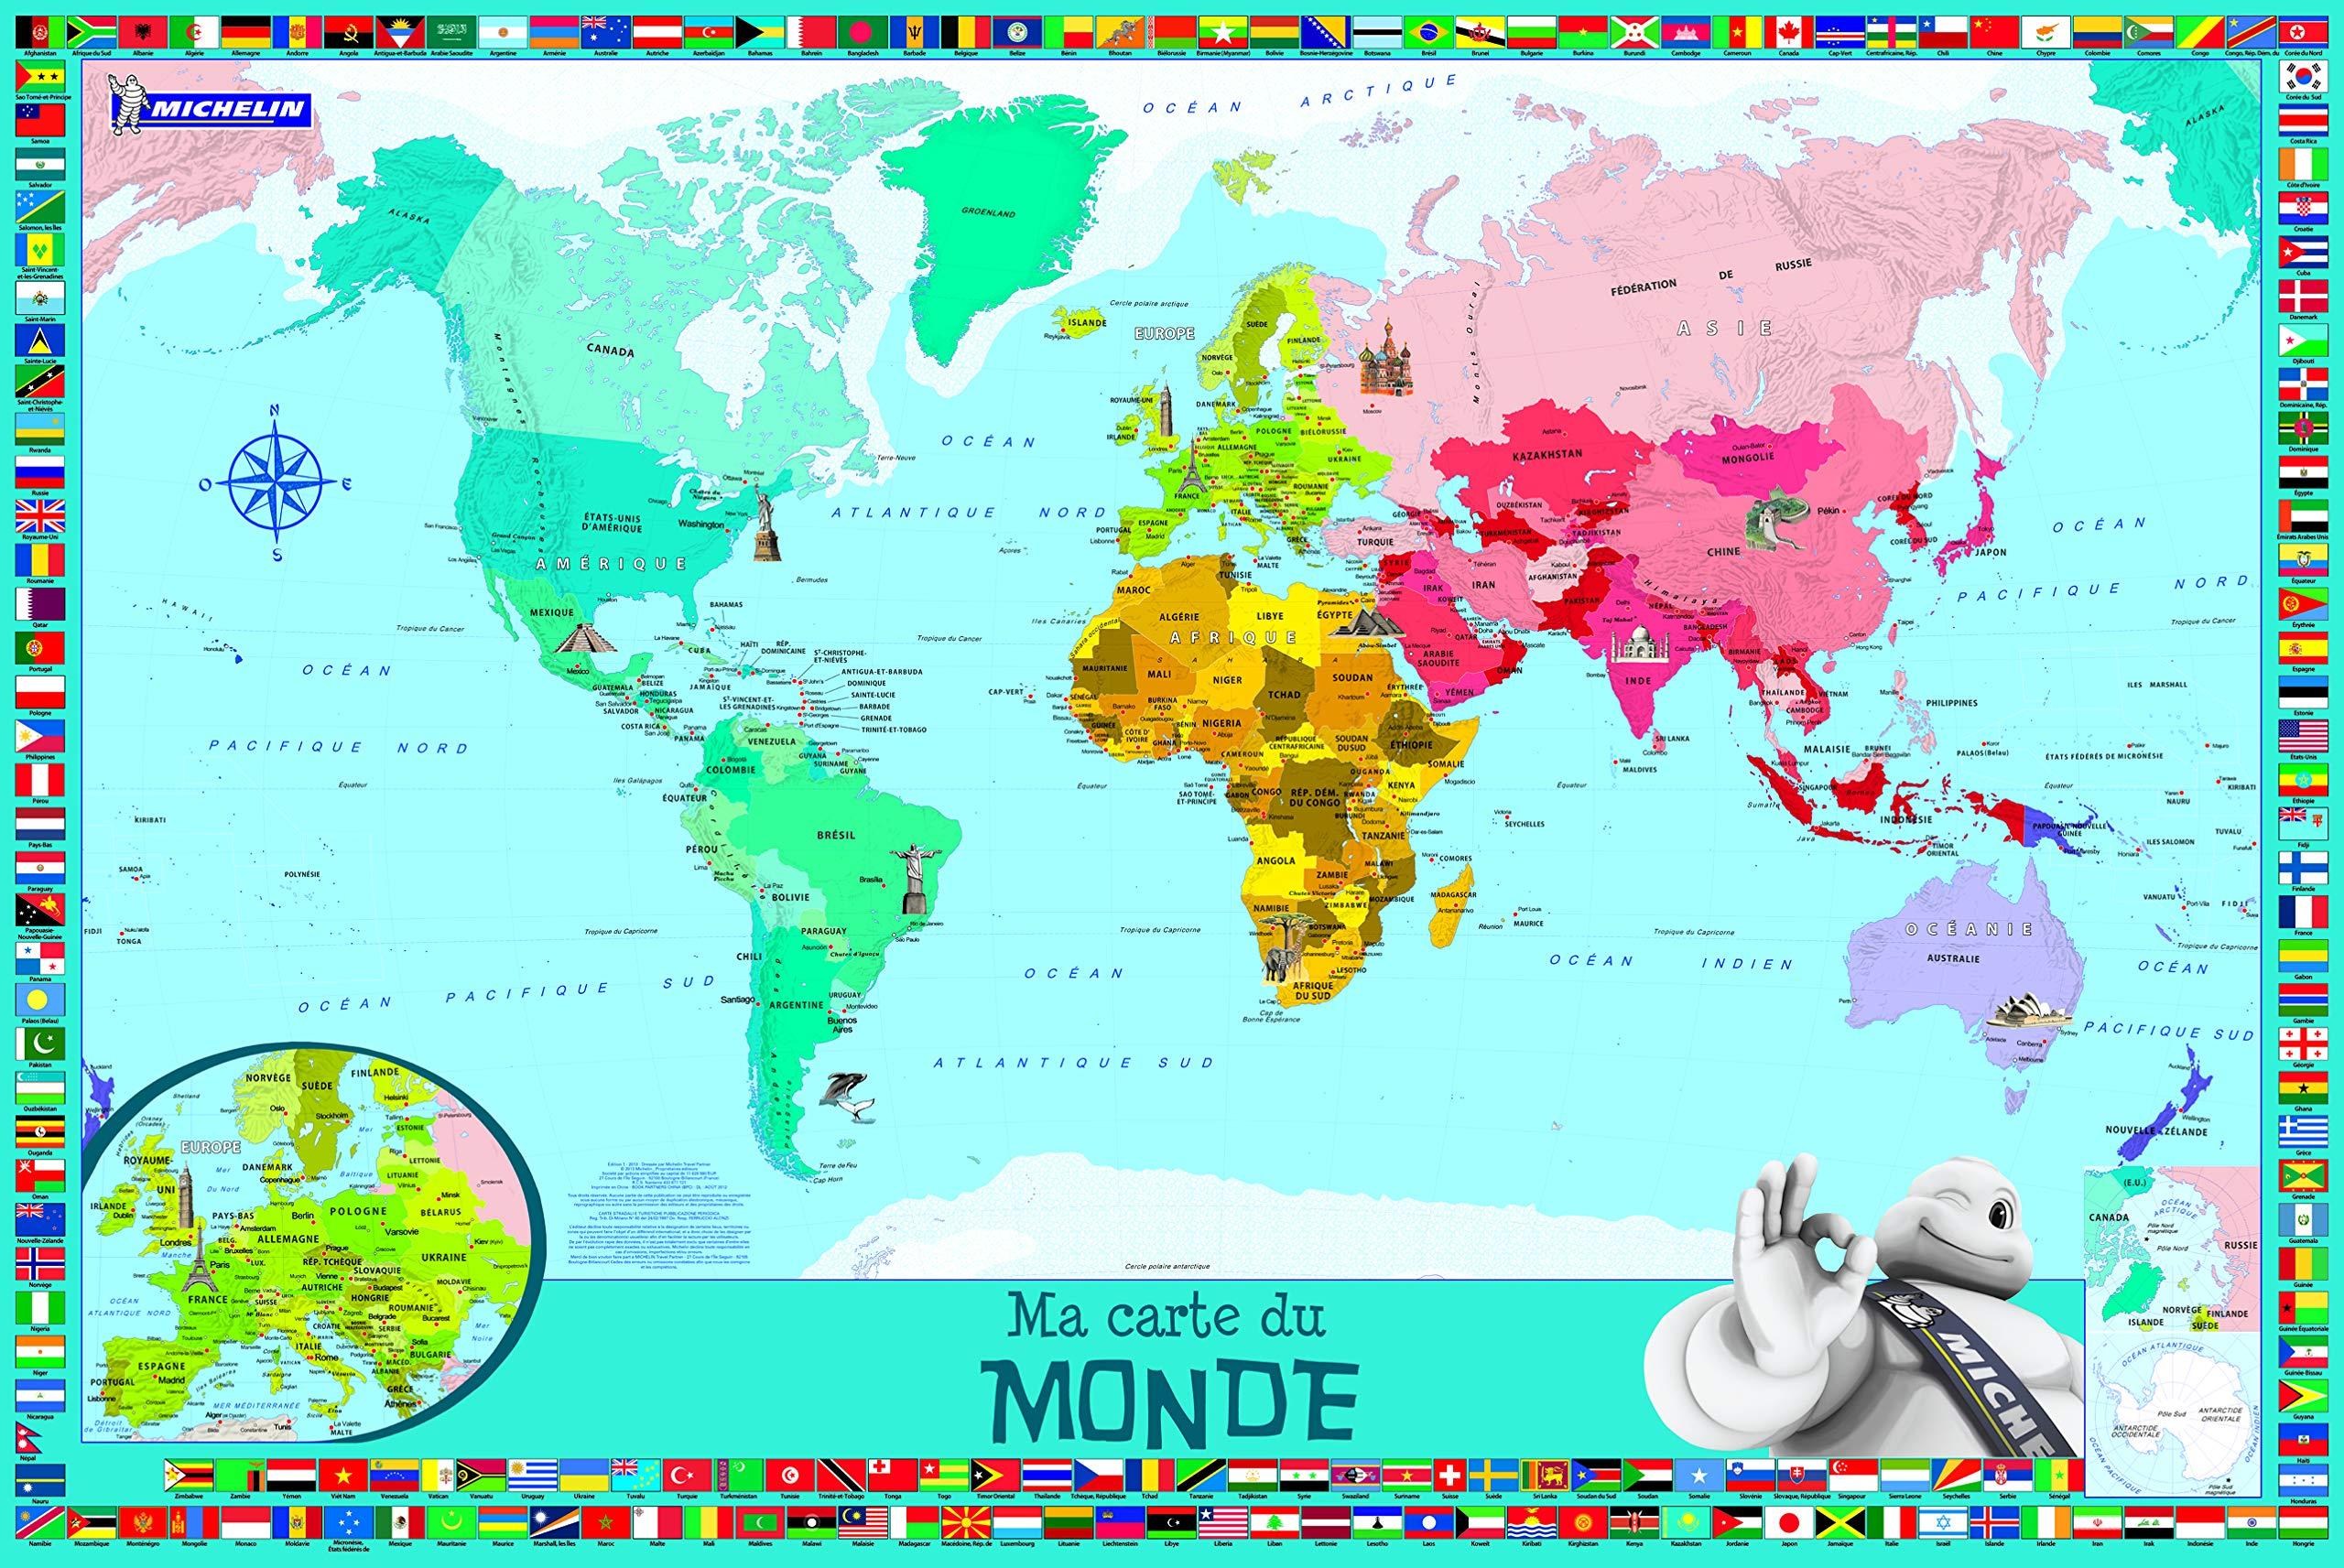 carte du monde pour maternelle Ma carte du monde Enfants: Amazon.ca: Collectif,, Collectif: Books